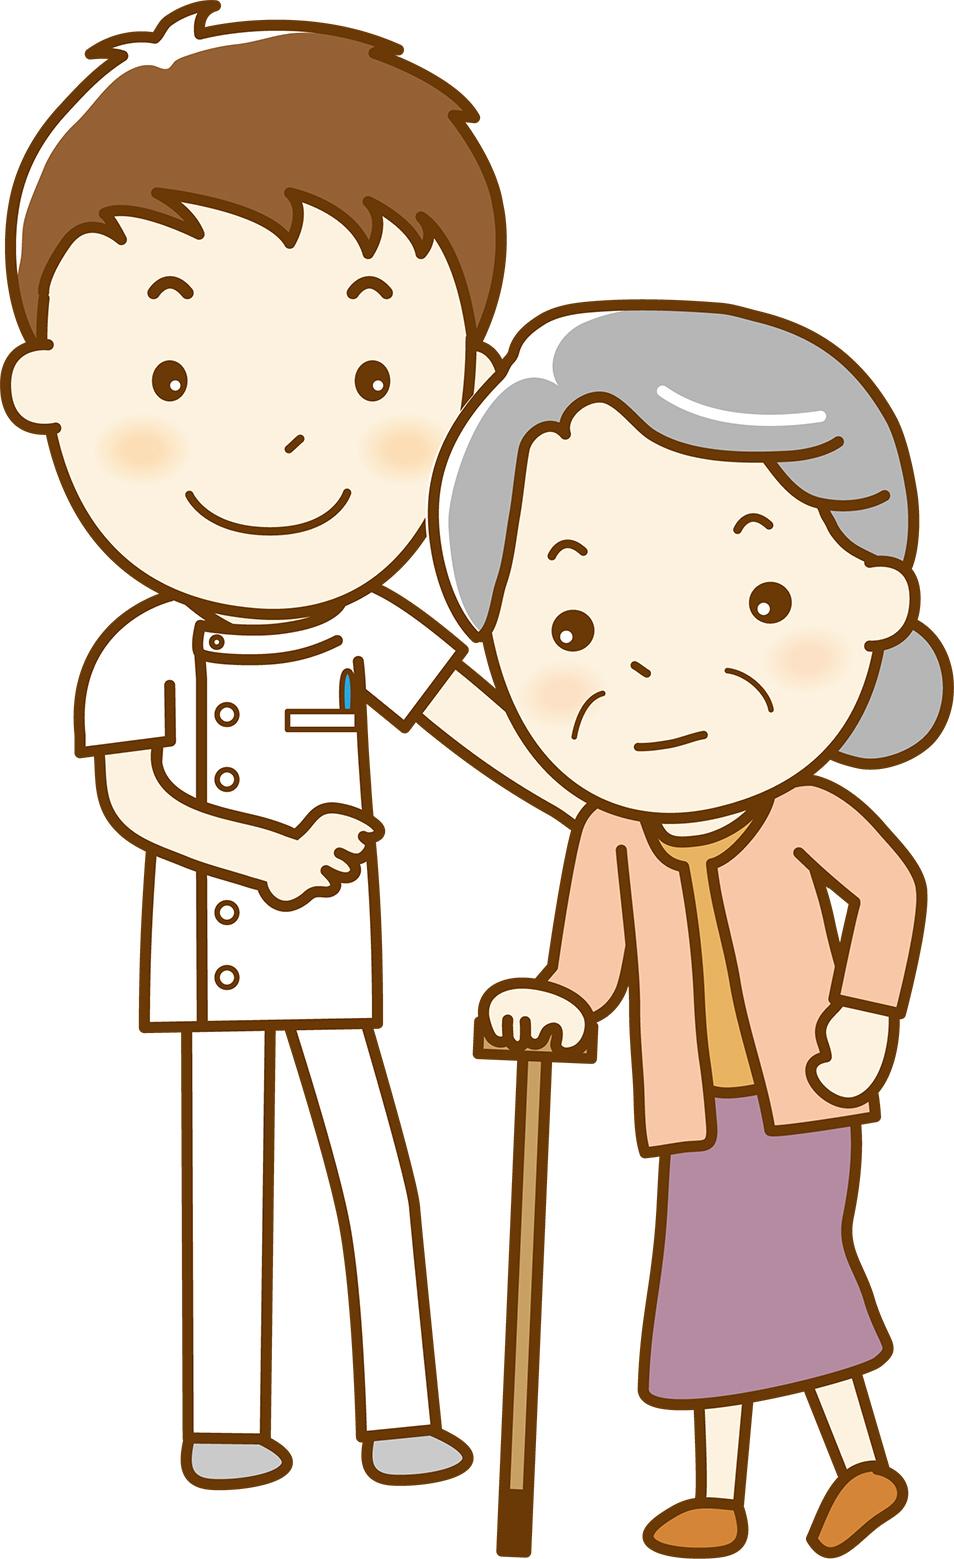 理学療法士になるためには【理学療法士と看護師の関係】